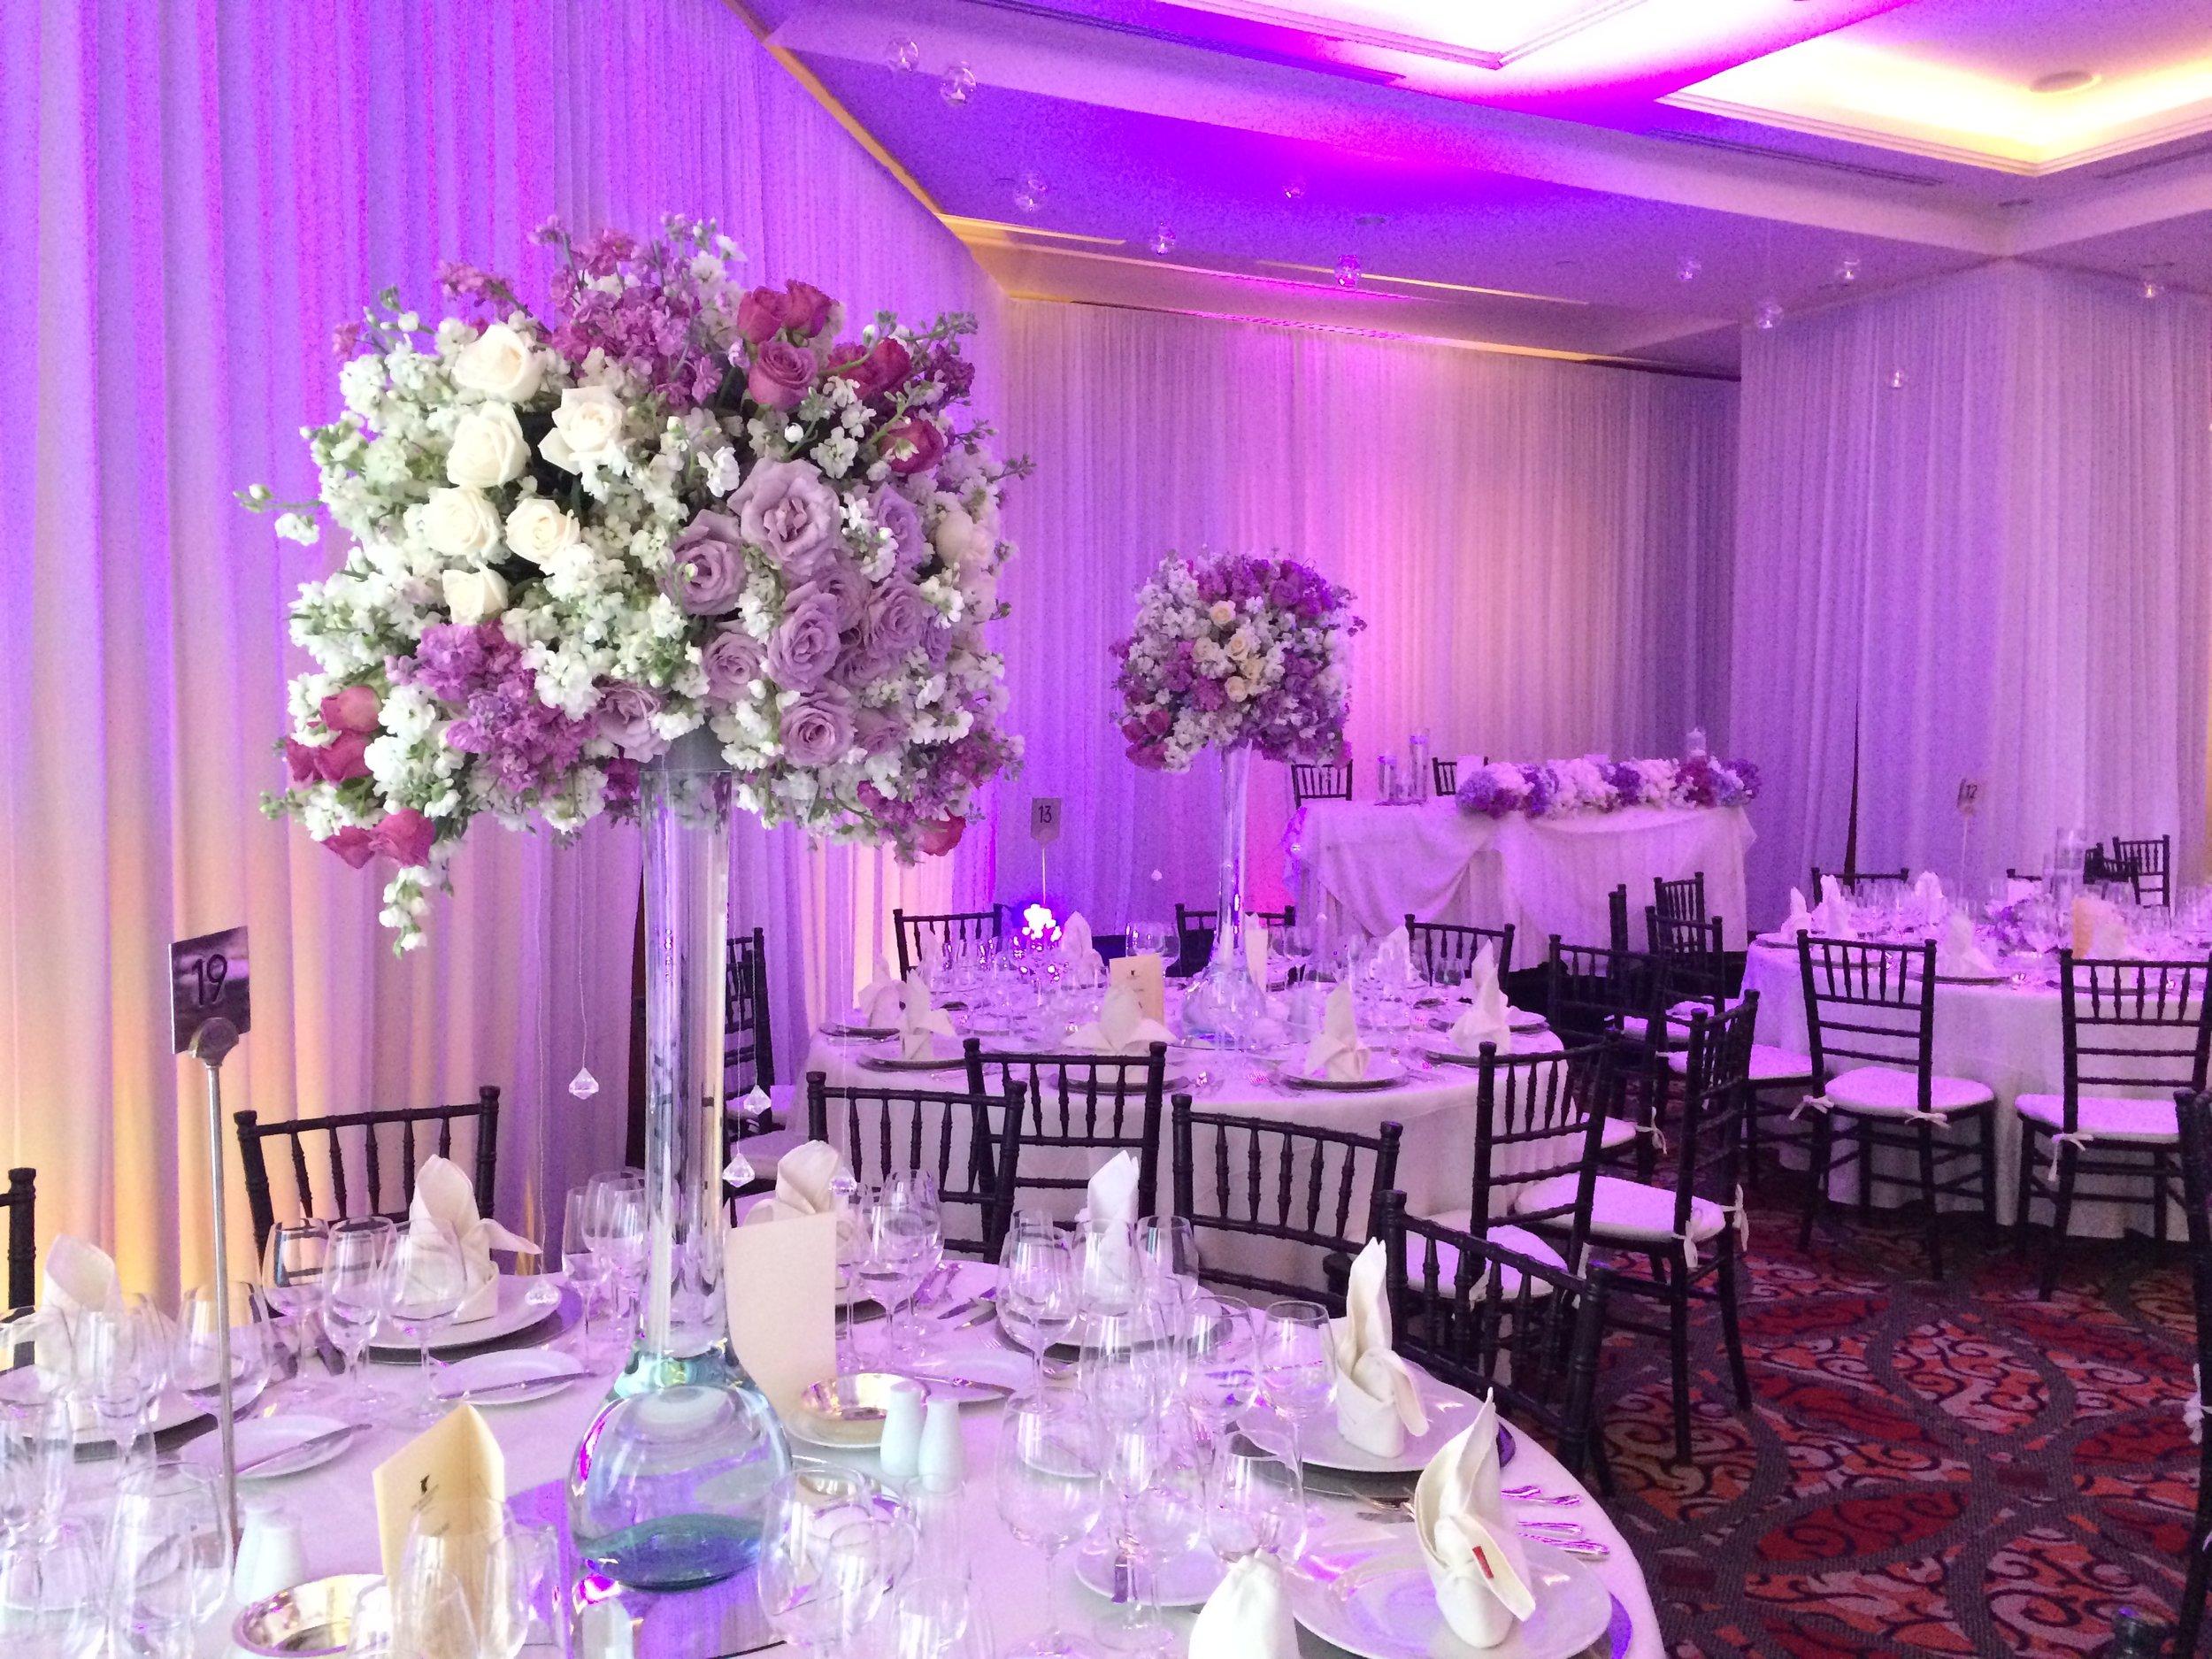 high wedding centerpieces by Annafiori.JPG